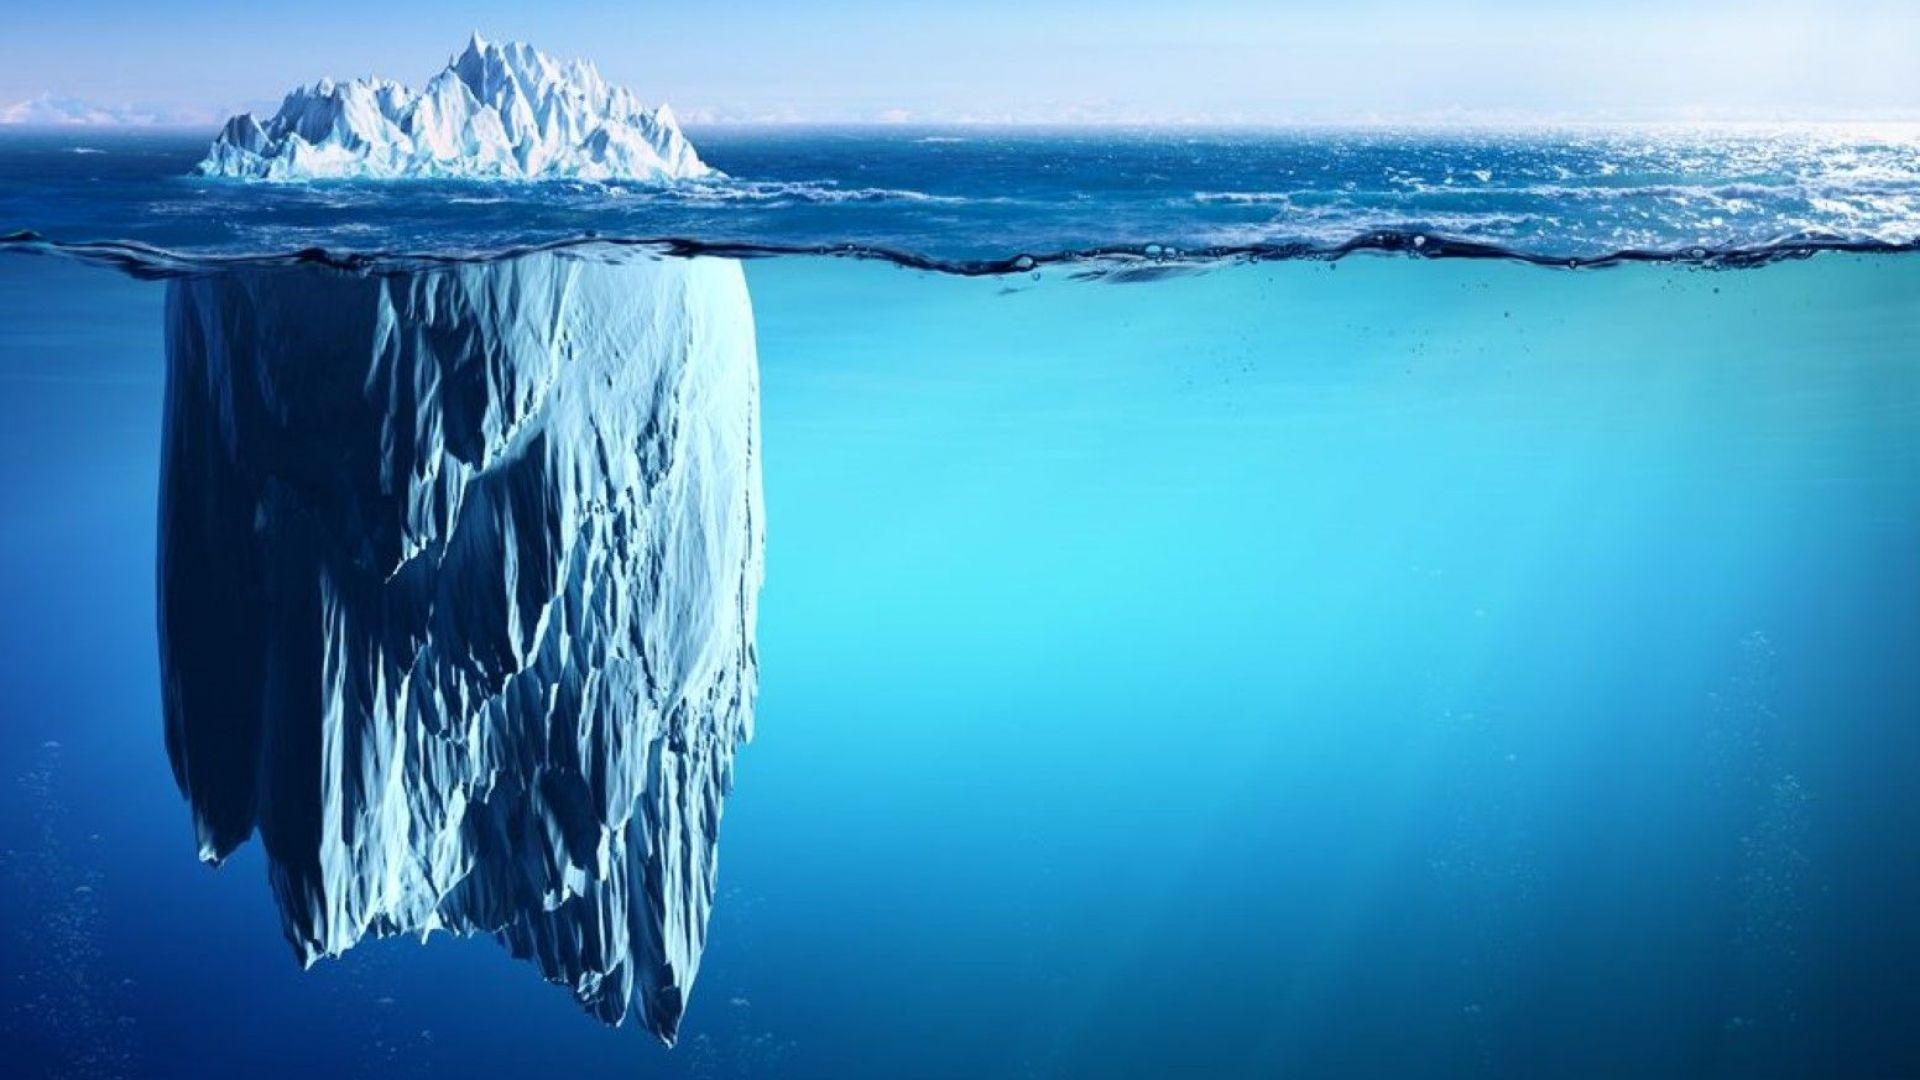 100 учени изследват съвместно антарктически ледник